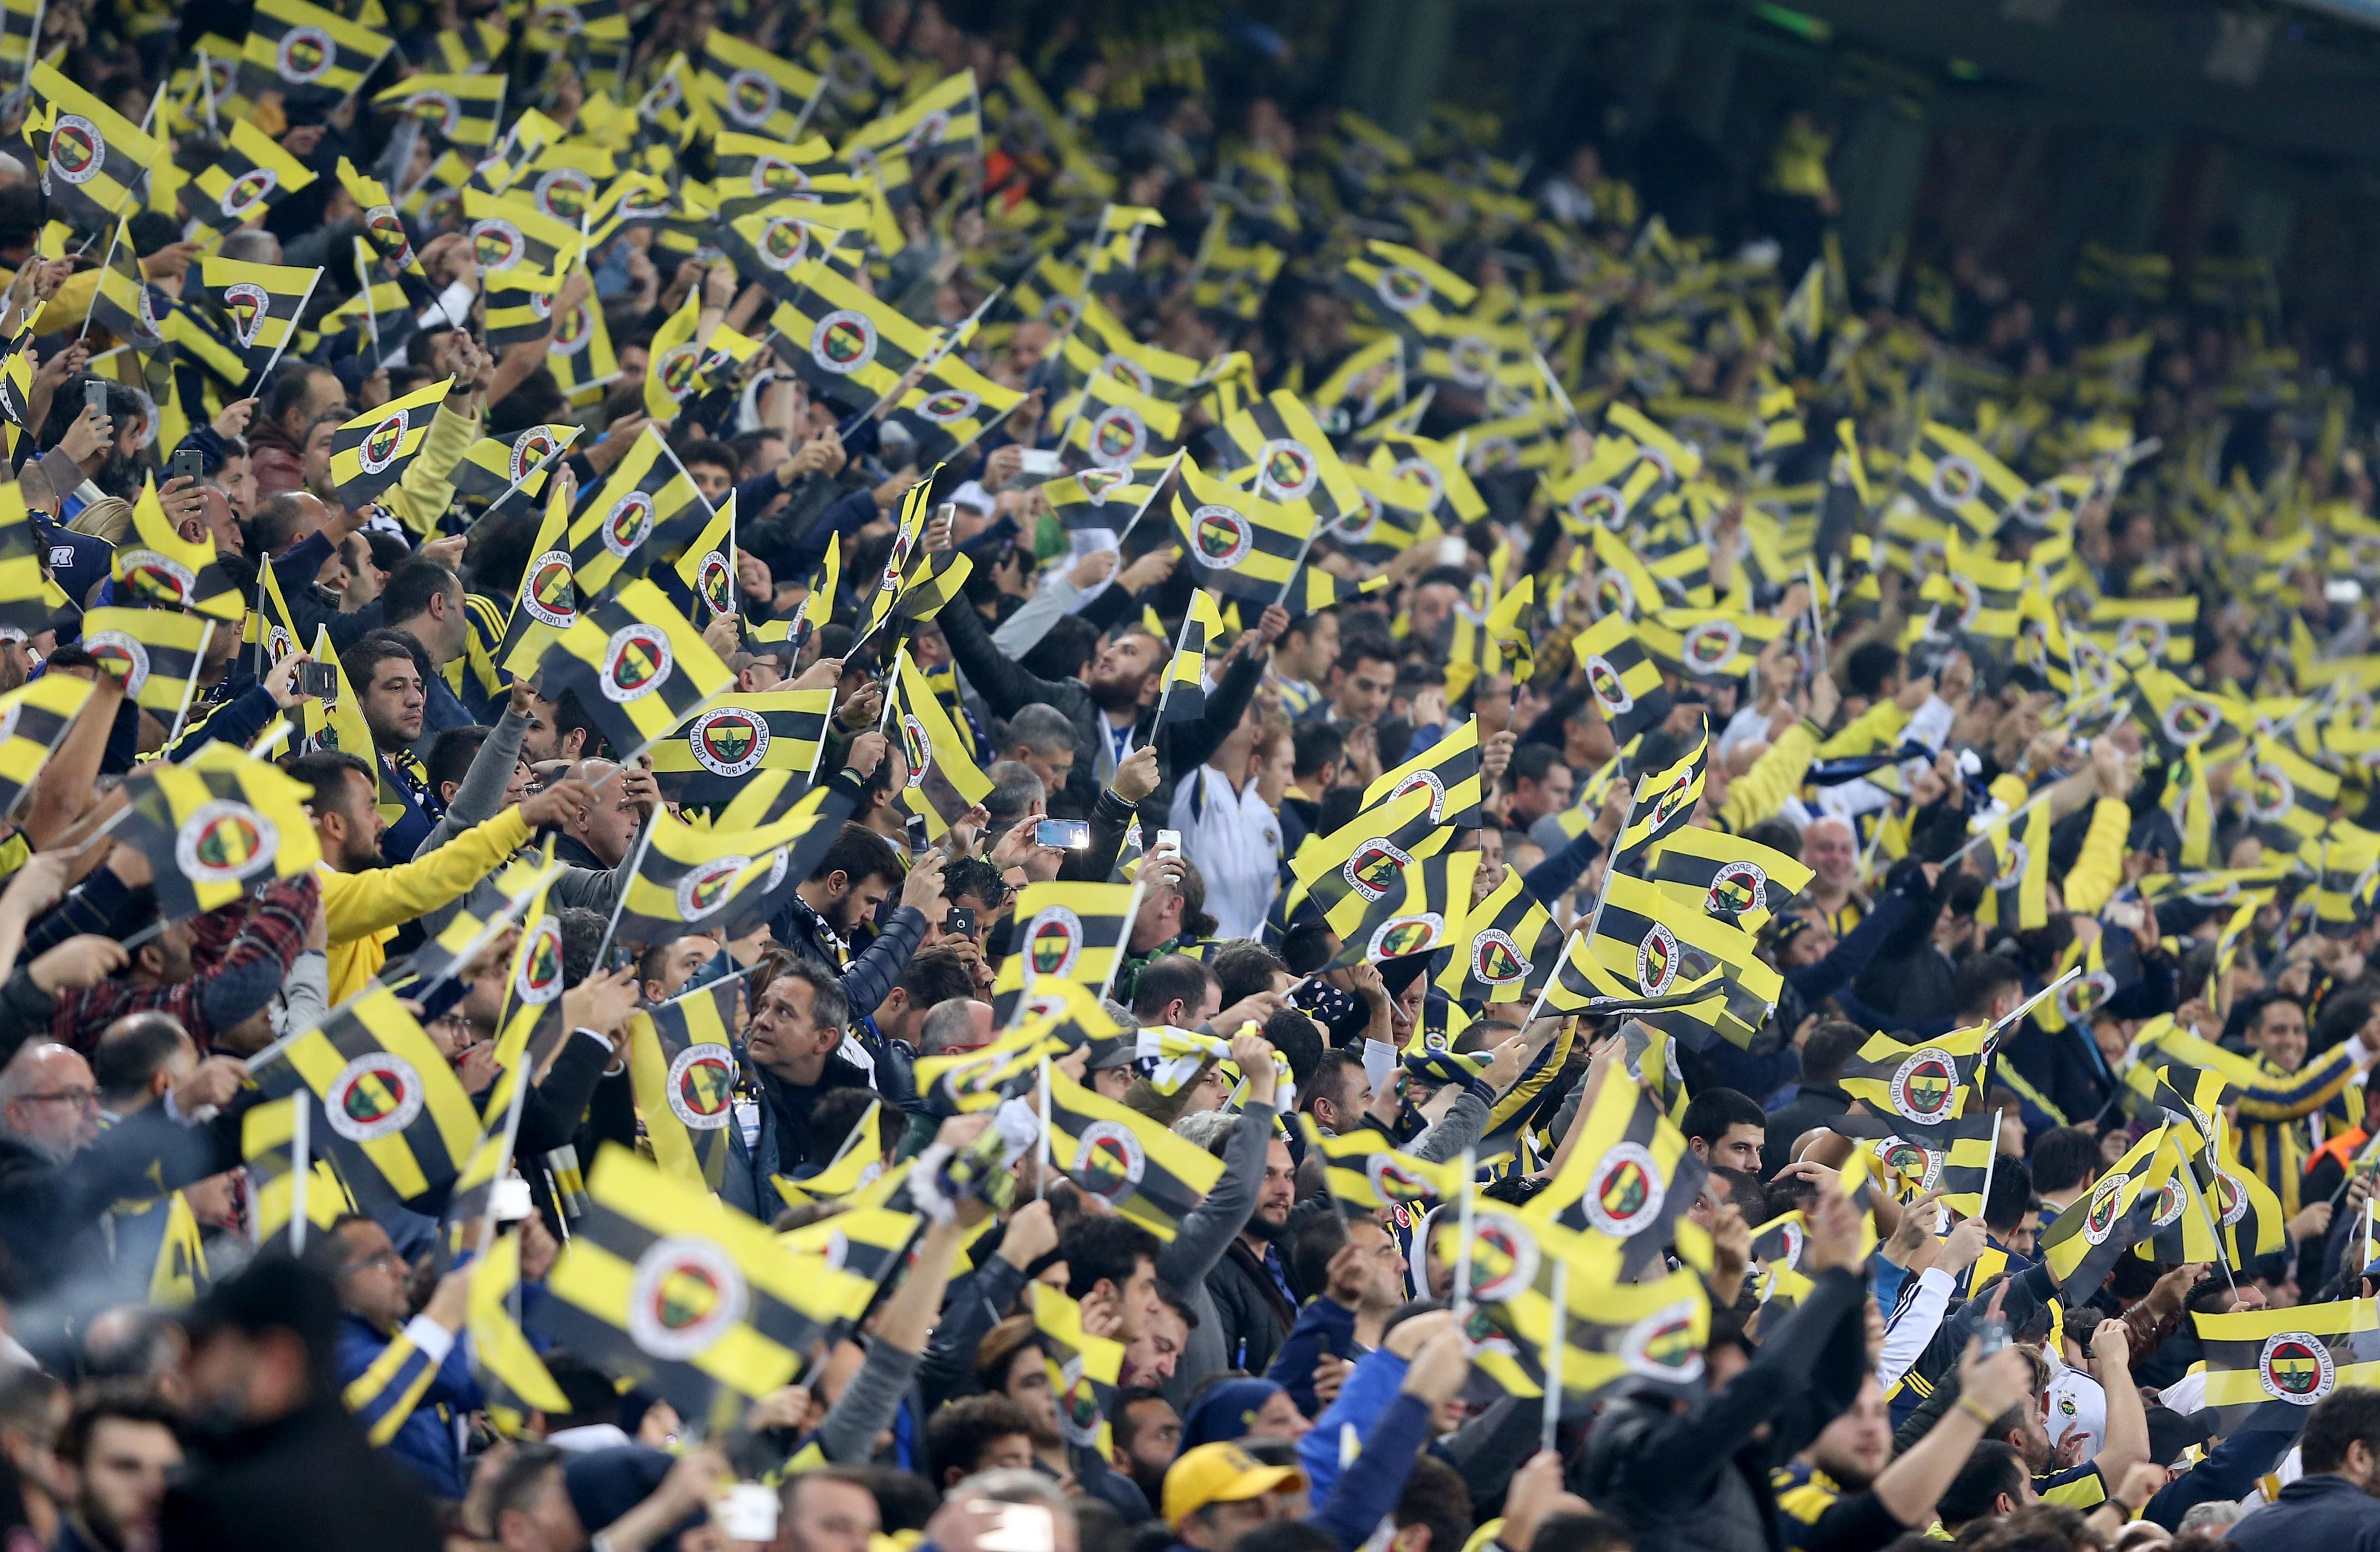 Fenerbahçe (Kadıköy - Şükrü Saracoğlu Stadyumu)